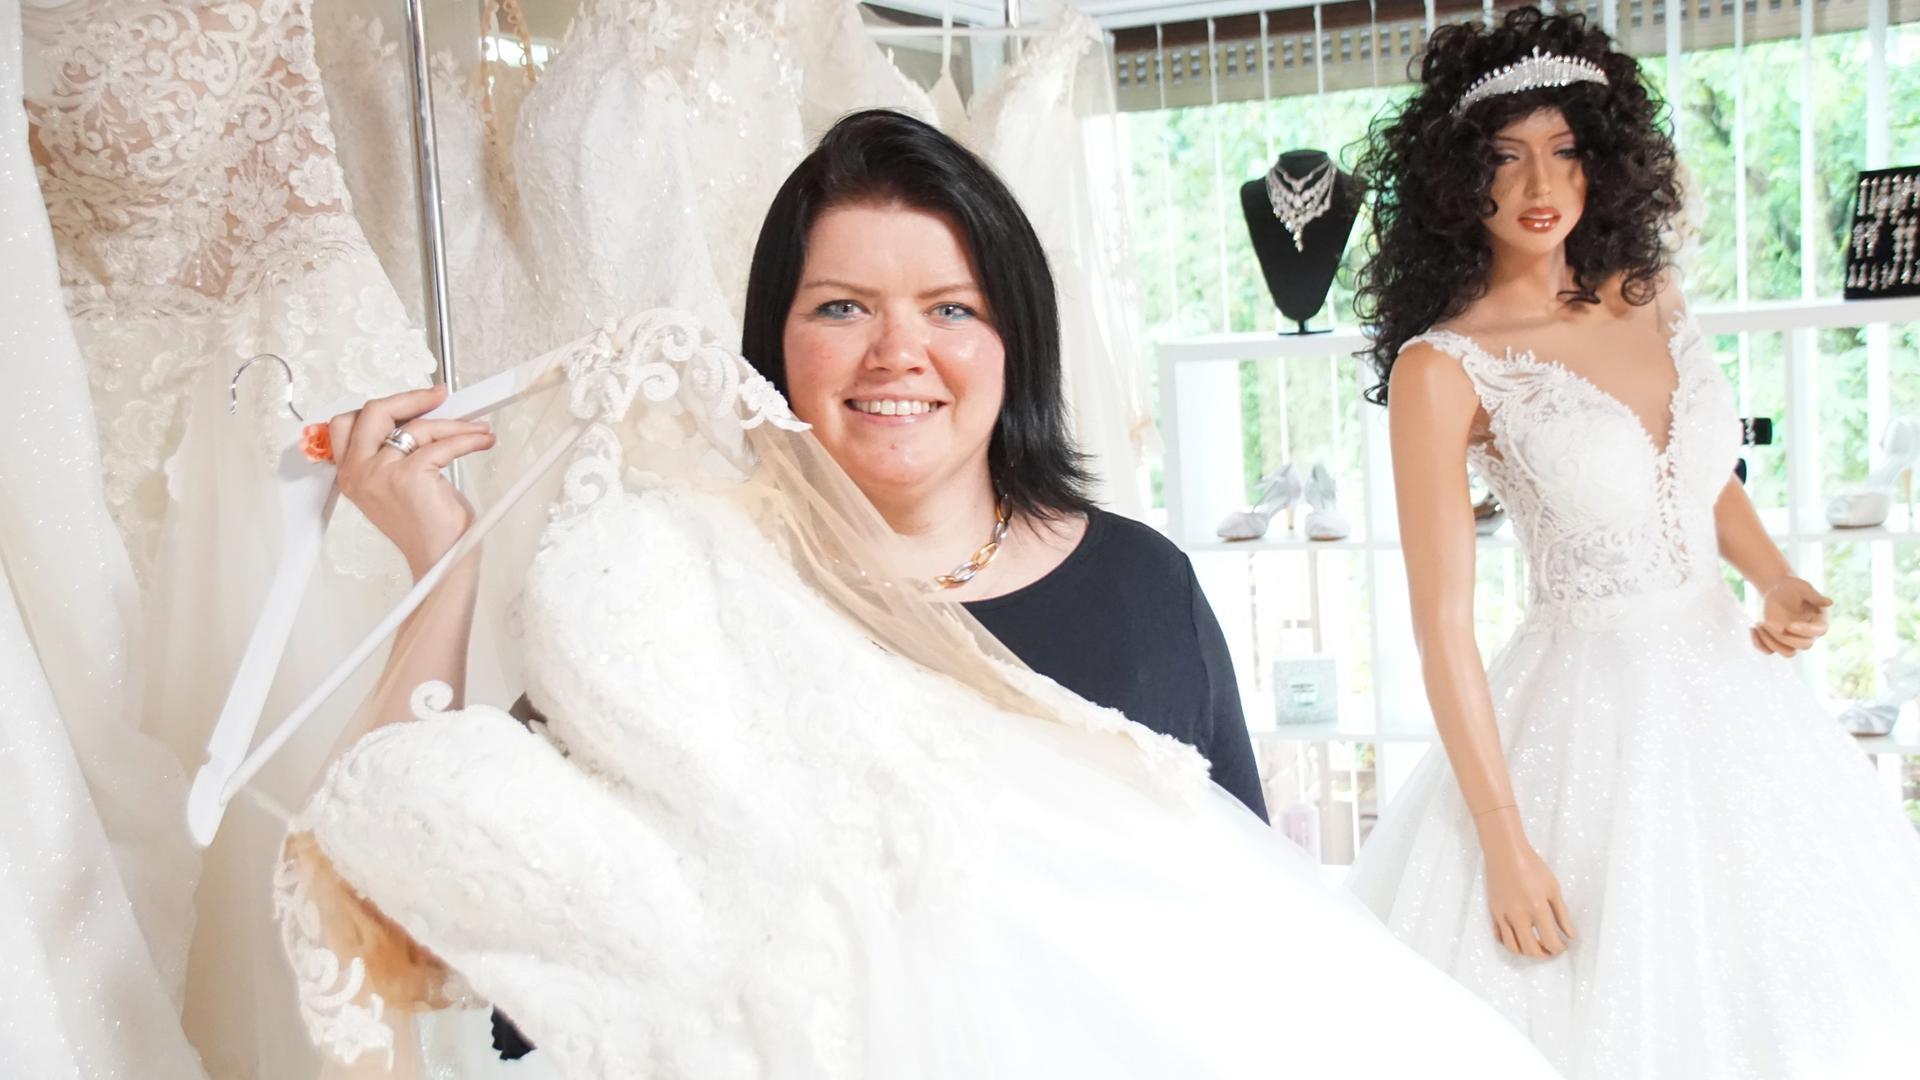 Trotz Corona: Zwei Brautmodengeschäfte eröffnen in Pforzheim und